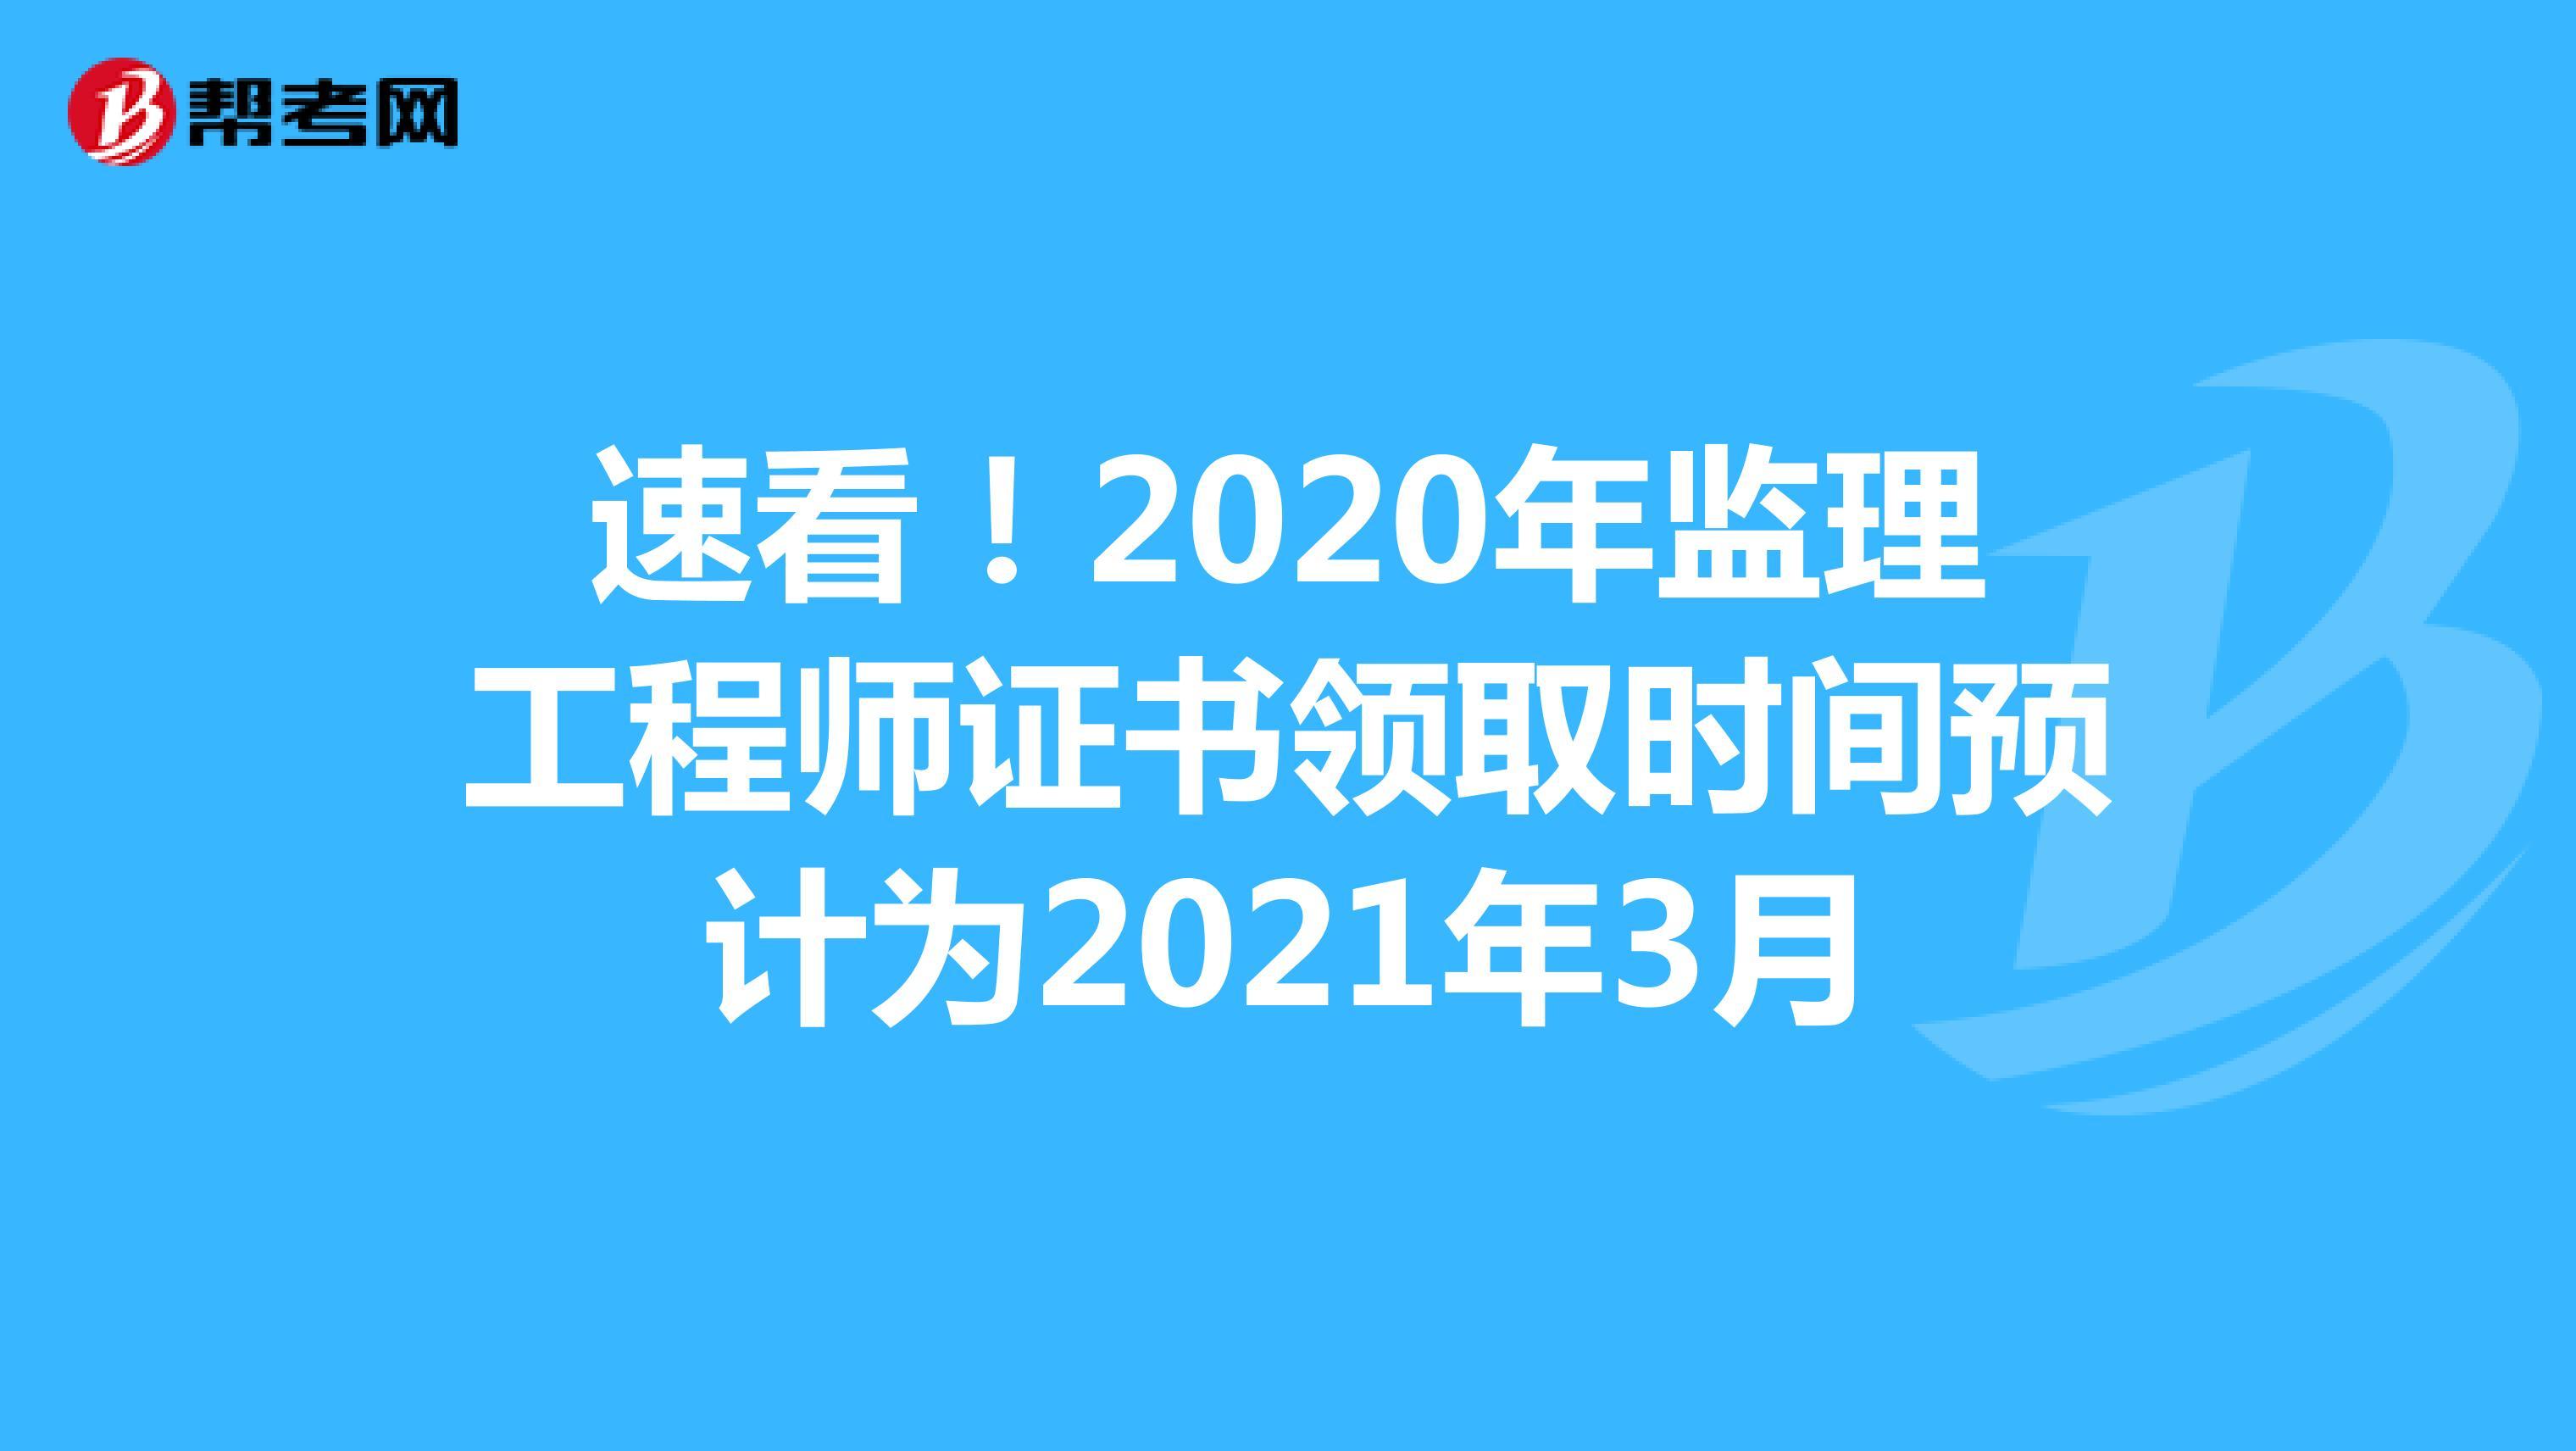 速看!2020年监理工程师证书领取时间预计为2021年3月